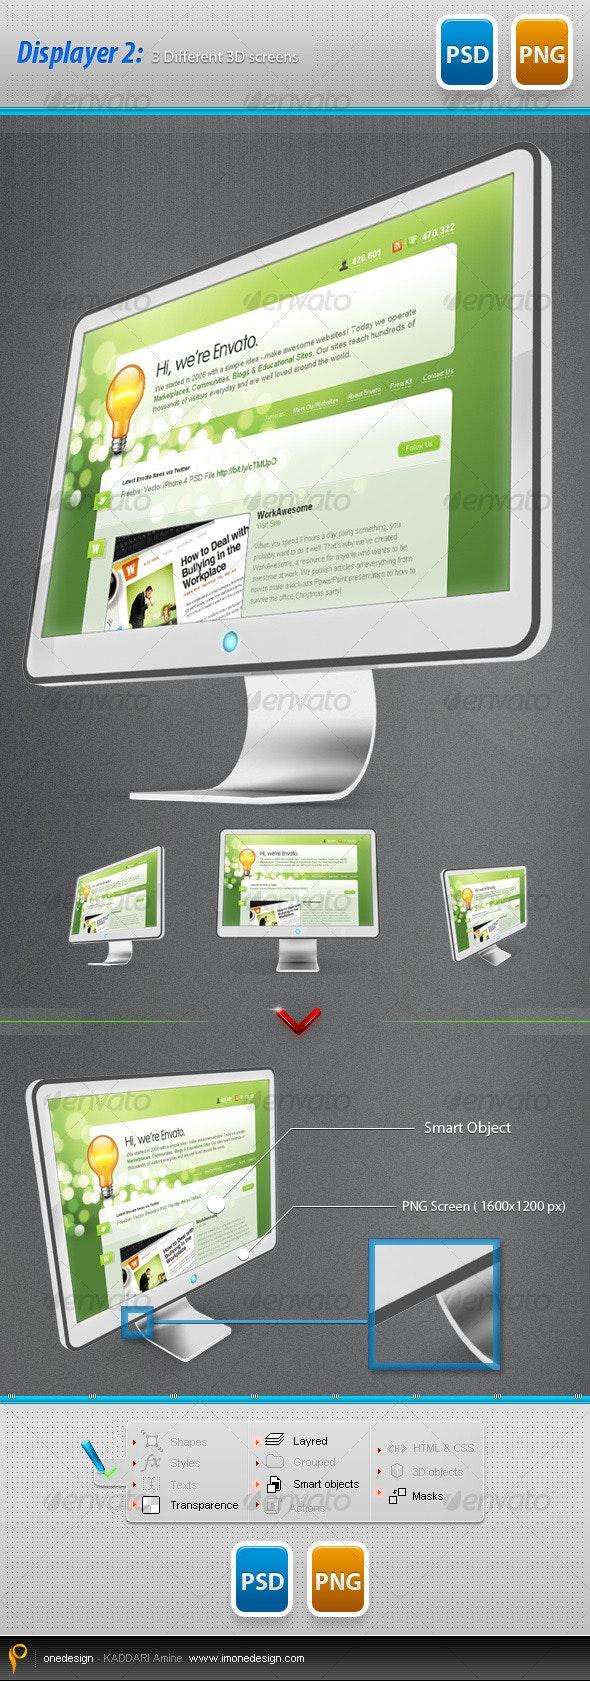 Displayer v.2: 3 Diffrent 3D Screens - Monitors Displays